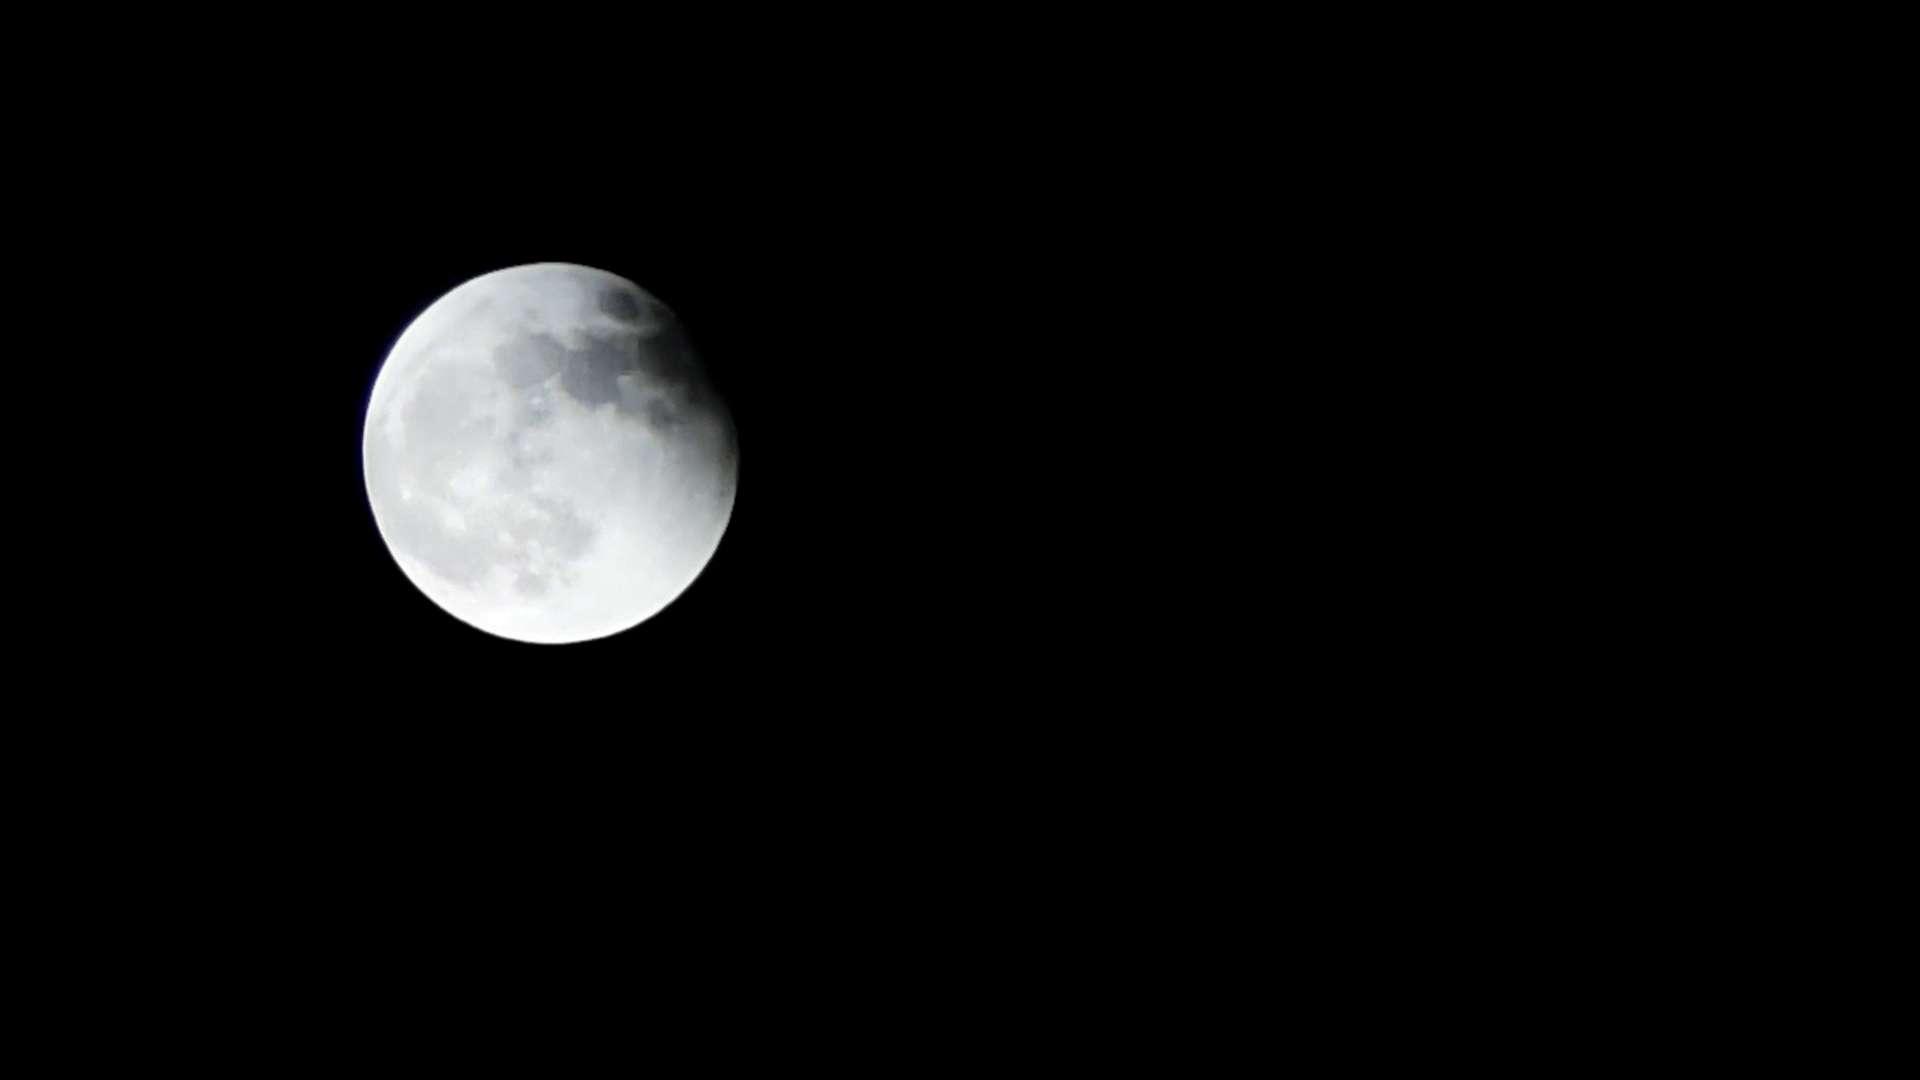 延时摄影带你去看超级月亮月全食,爱摄影-荣耀俱乐部